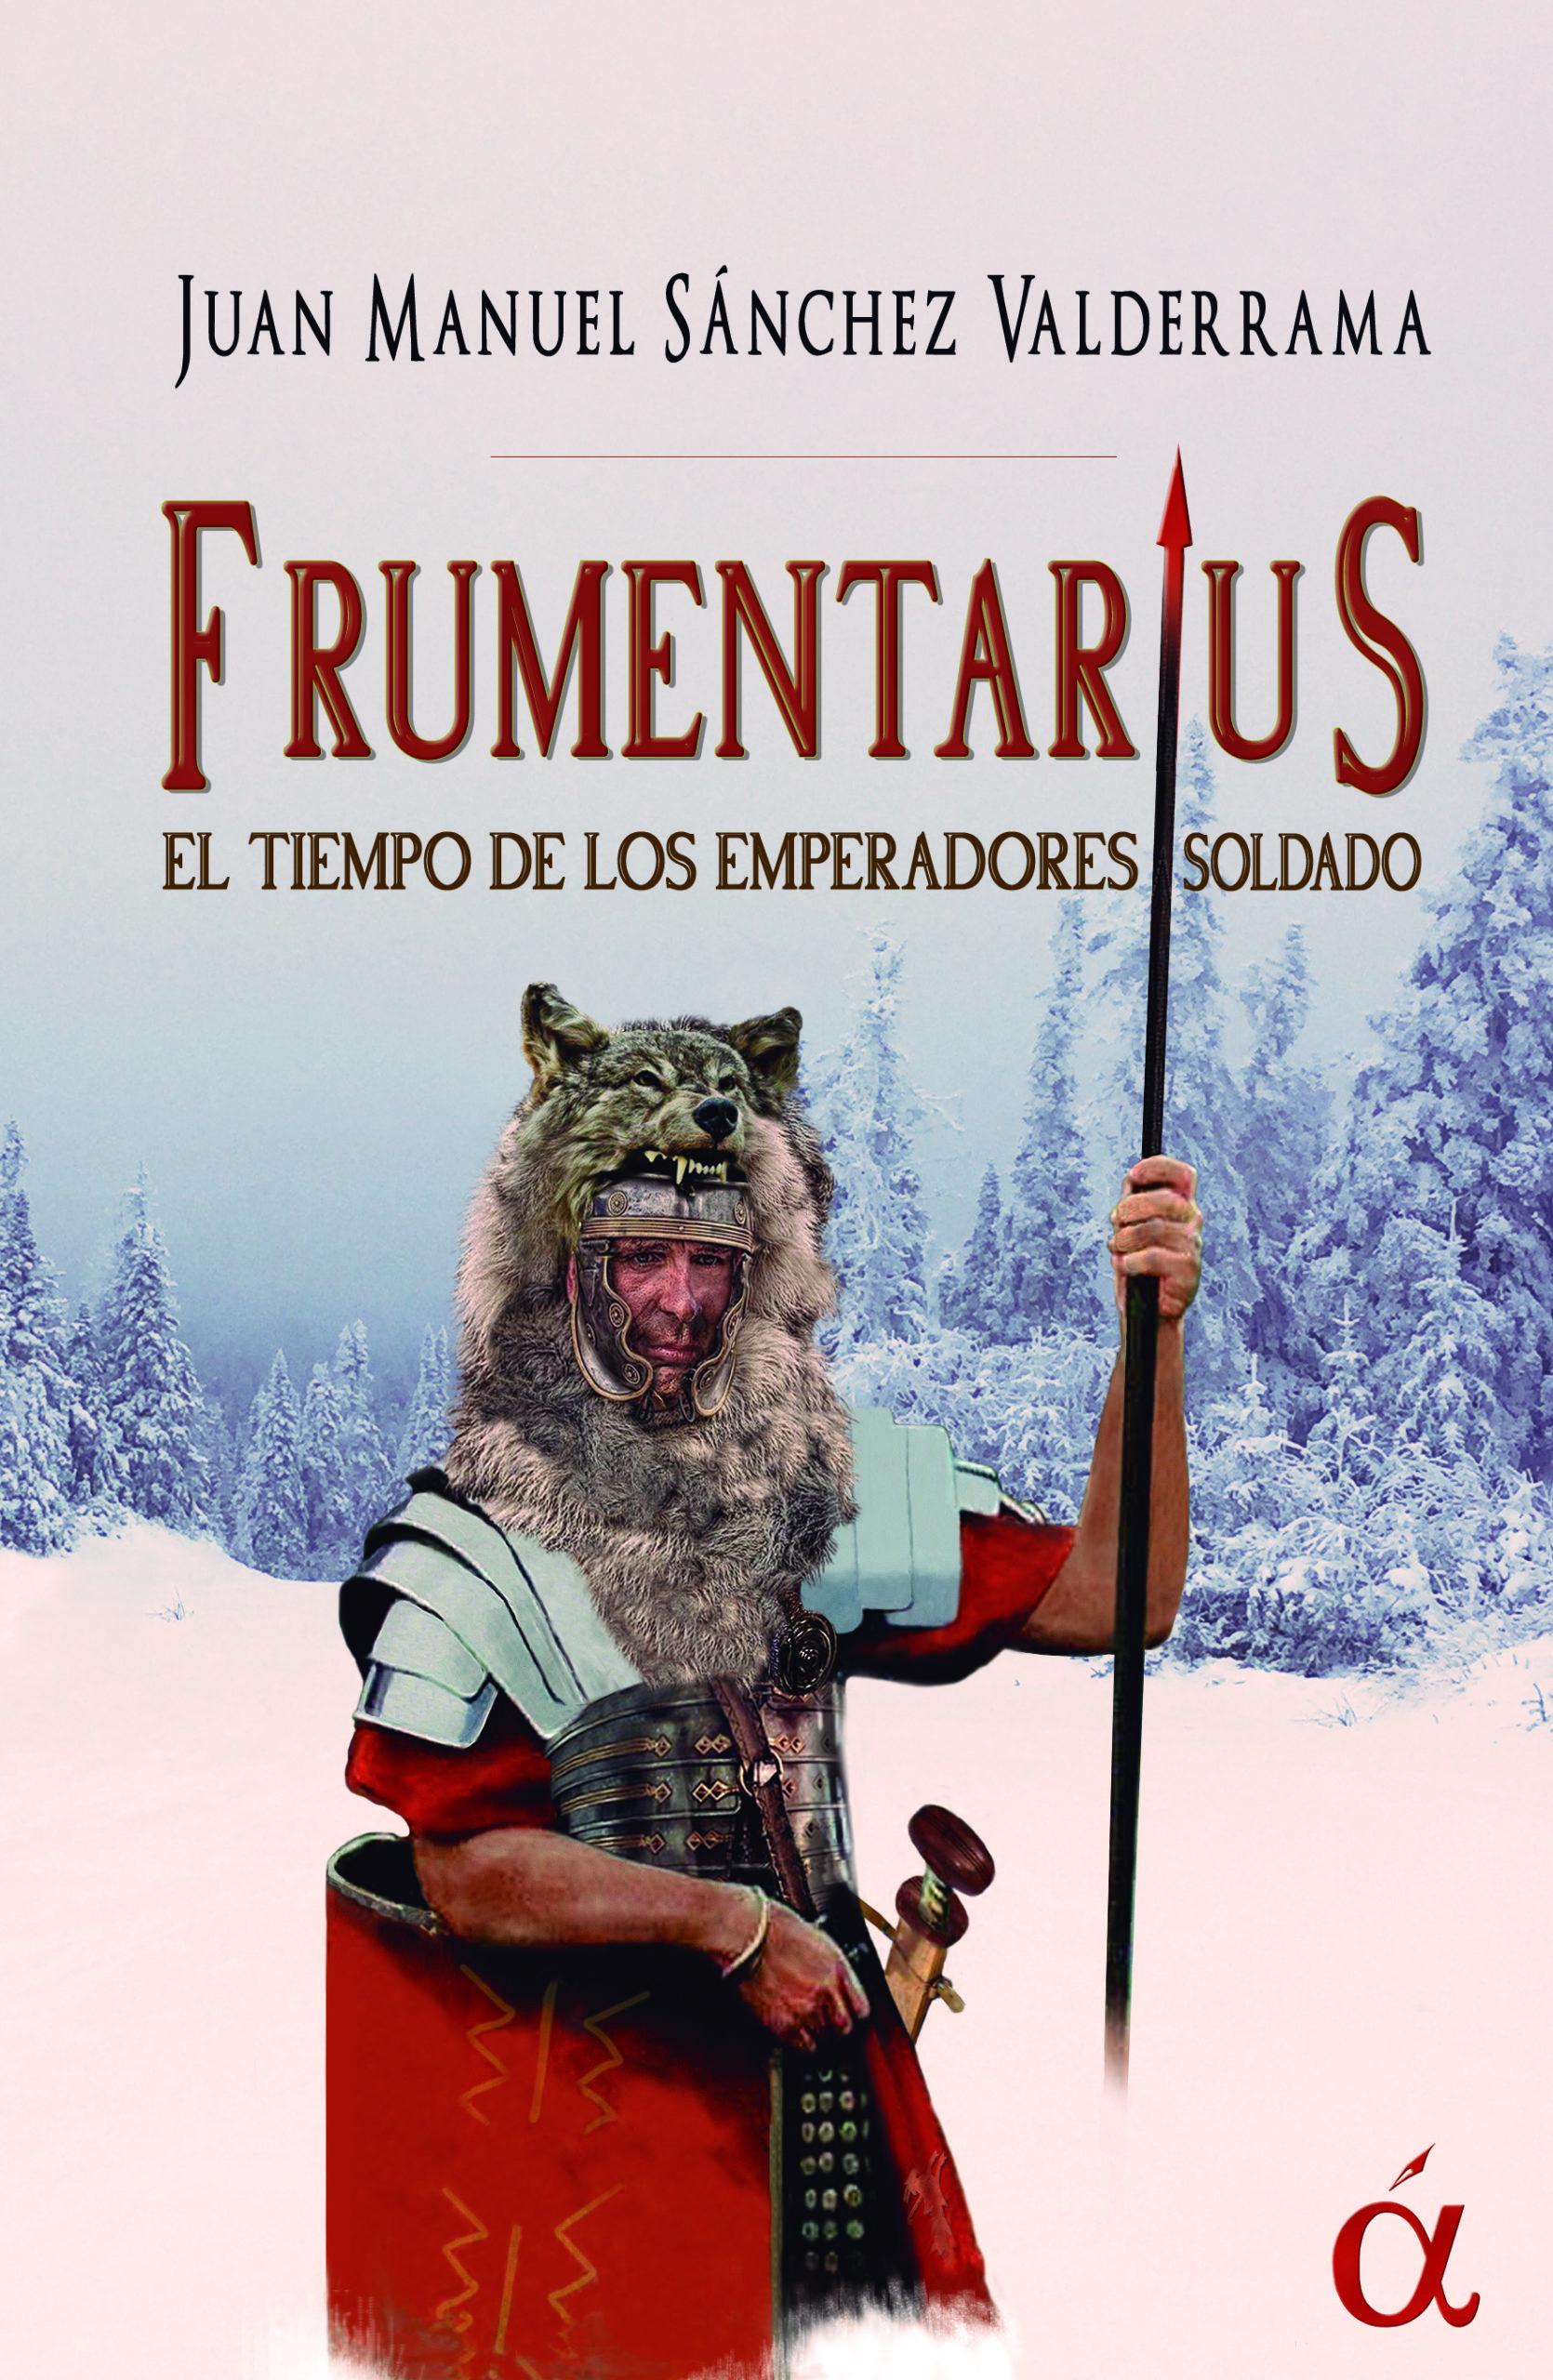 Grupos editoriales españoles. Libro Frumentarius